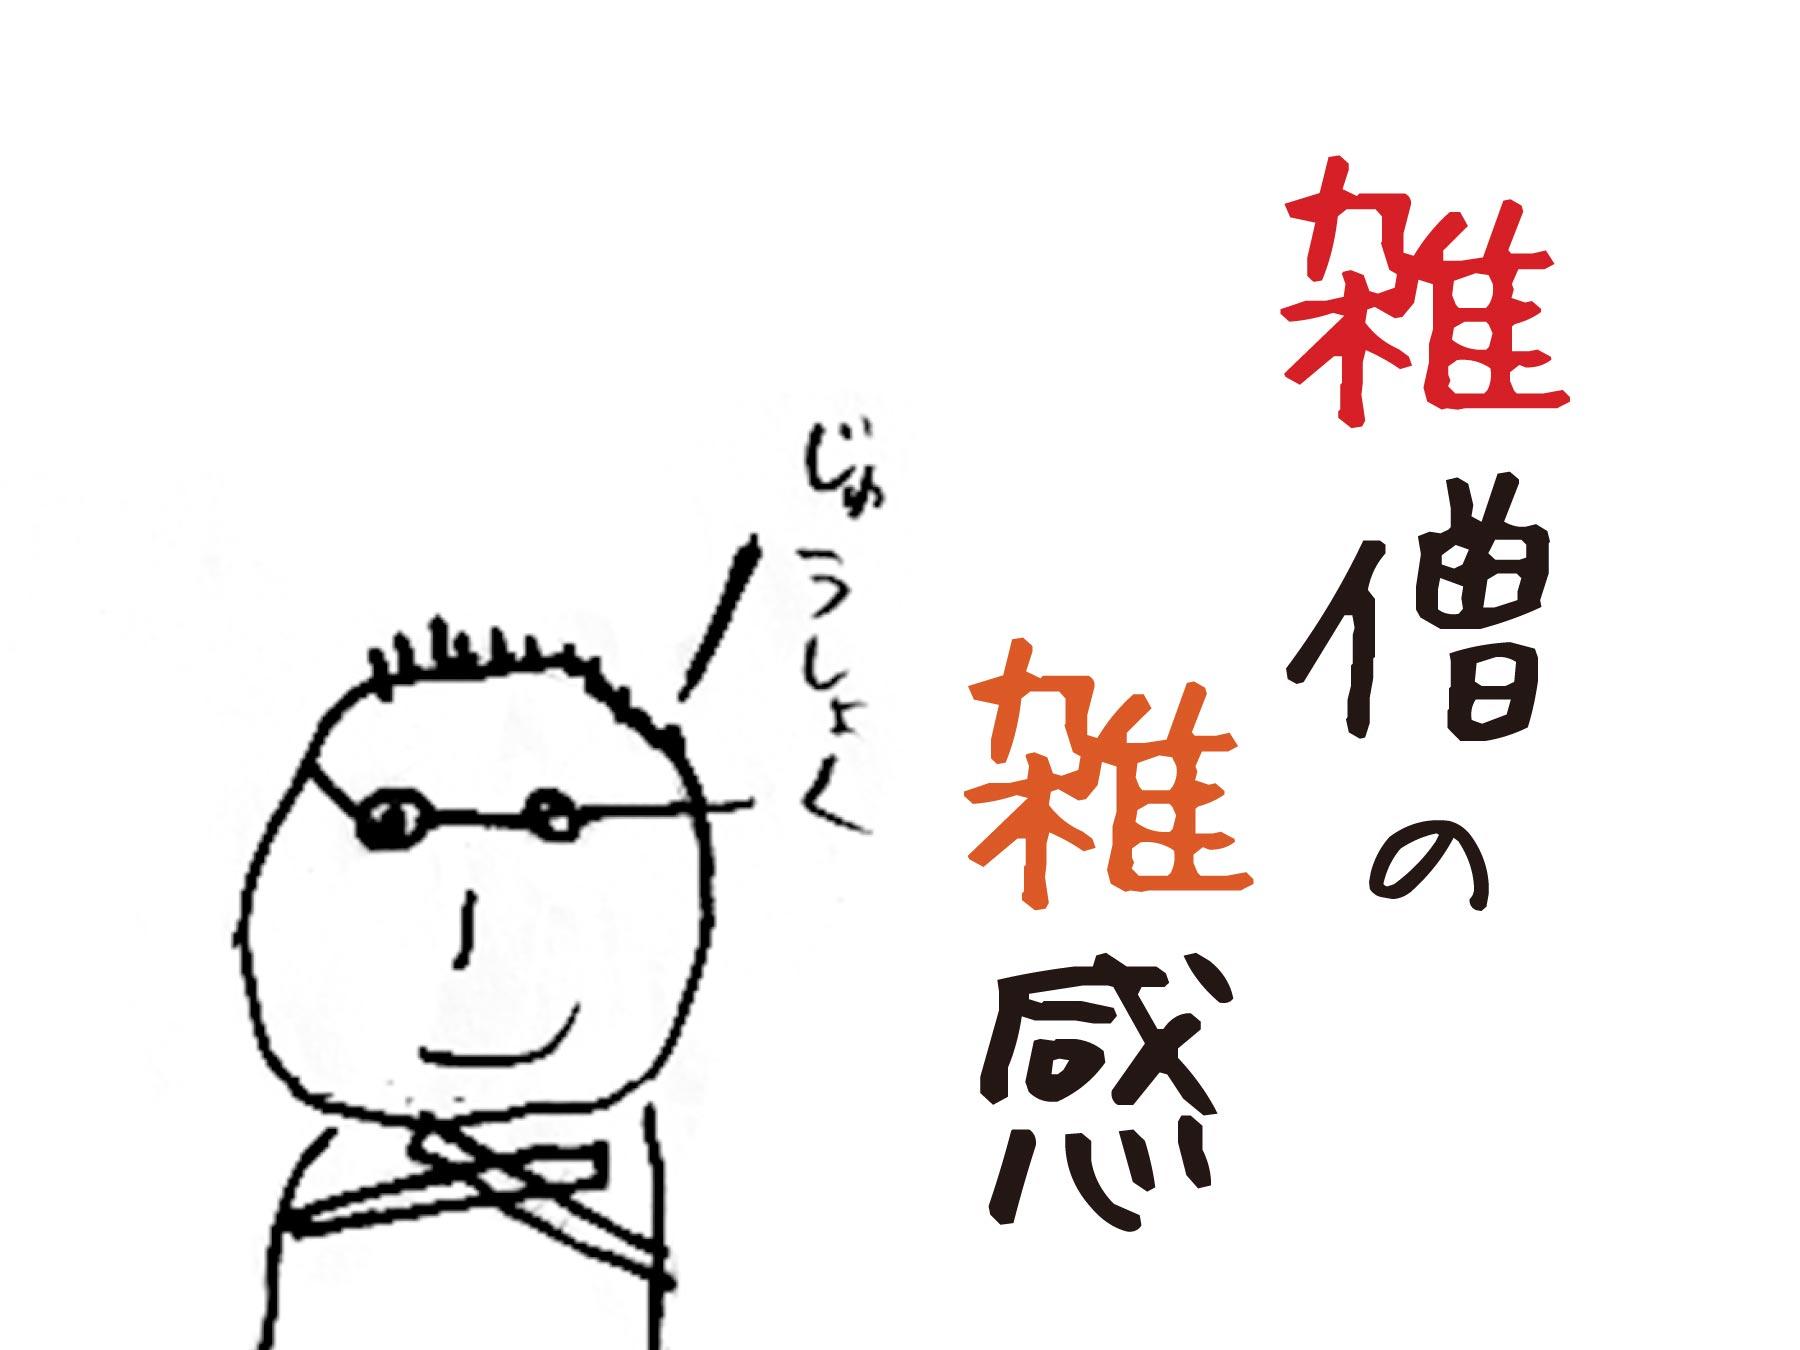 アイキャッチ用雑僧雑感